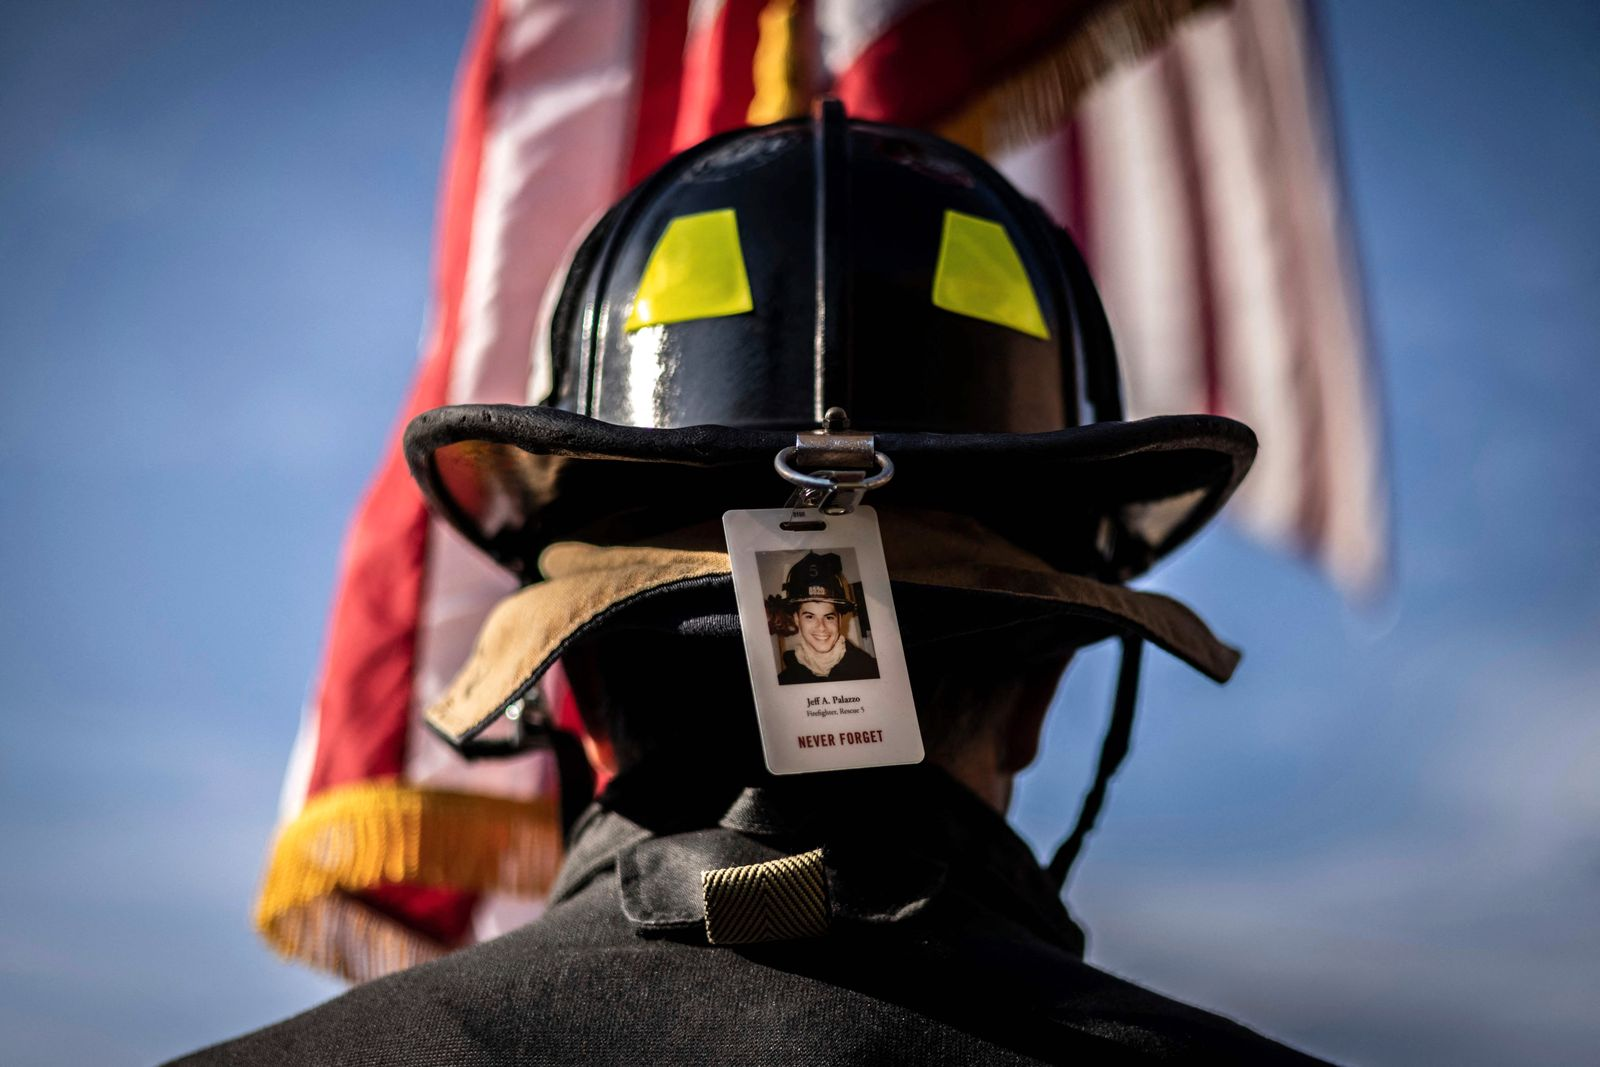 TOPSHOT-US-ATTACKS-9/11-ANNIVERSARY